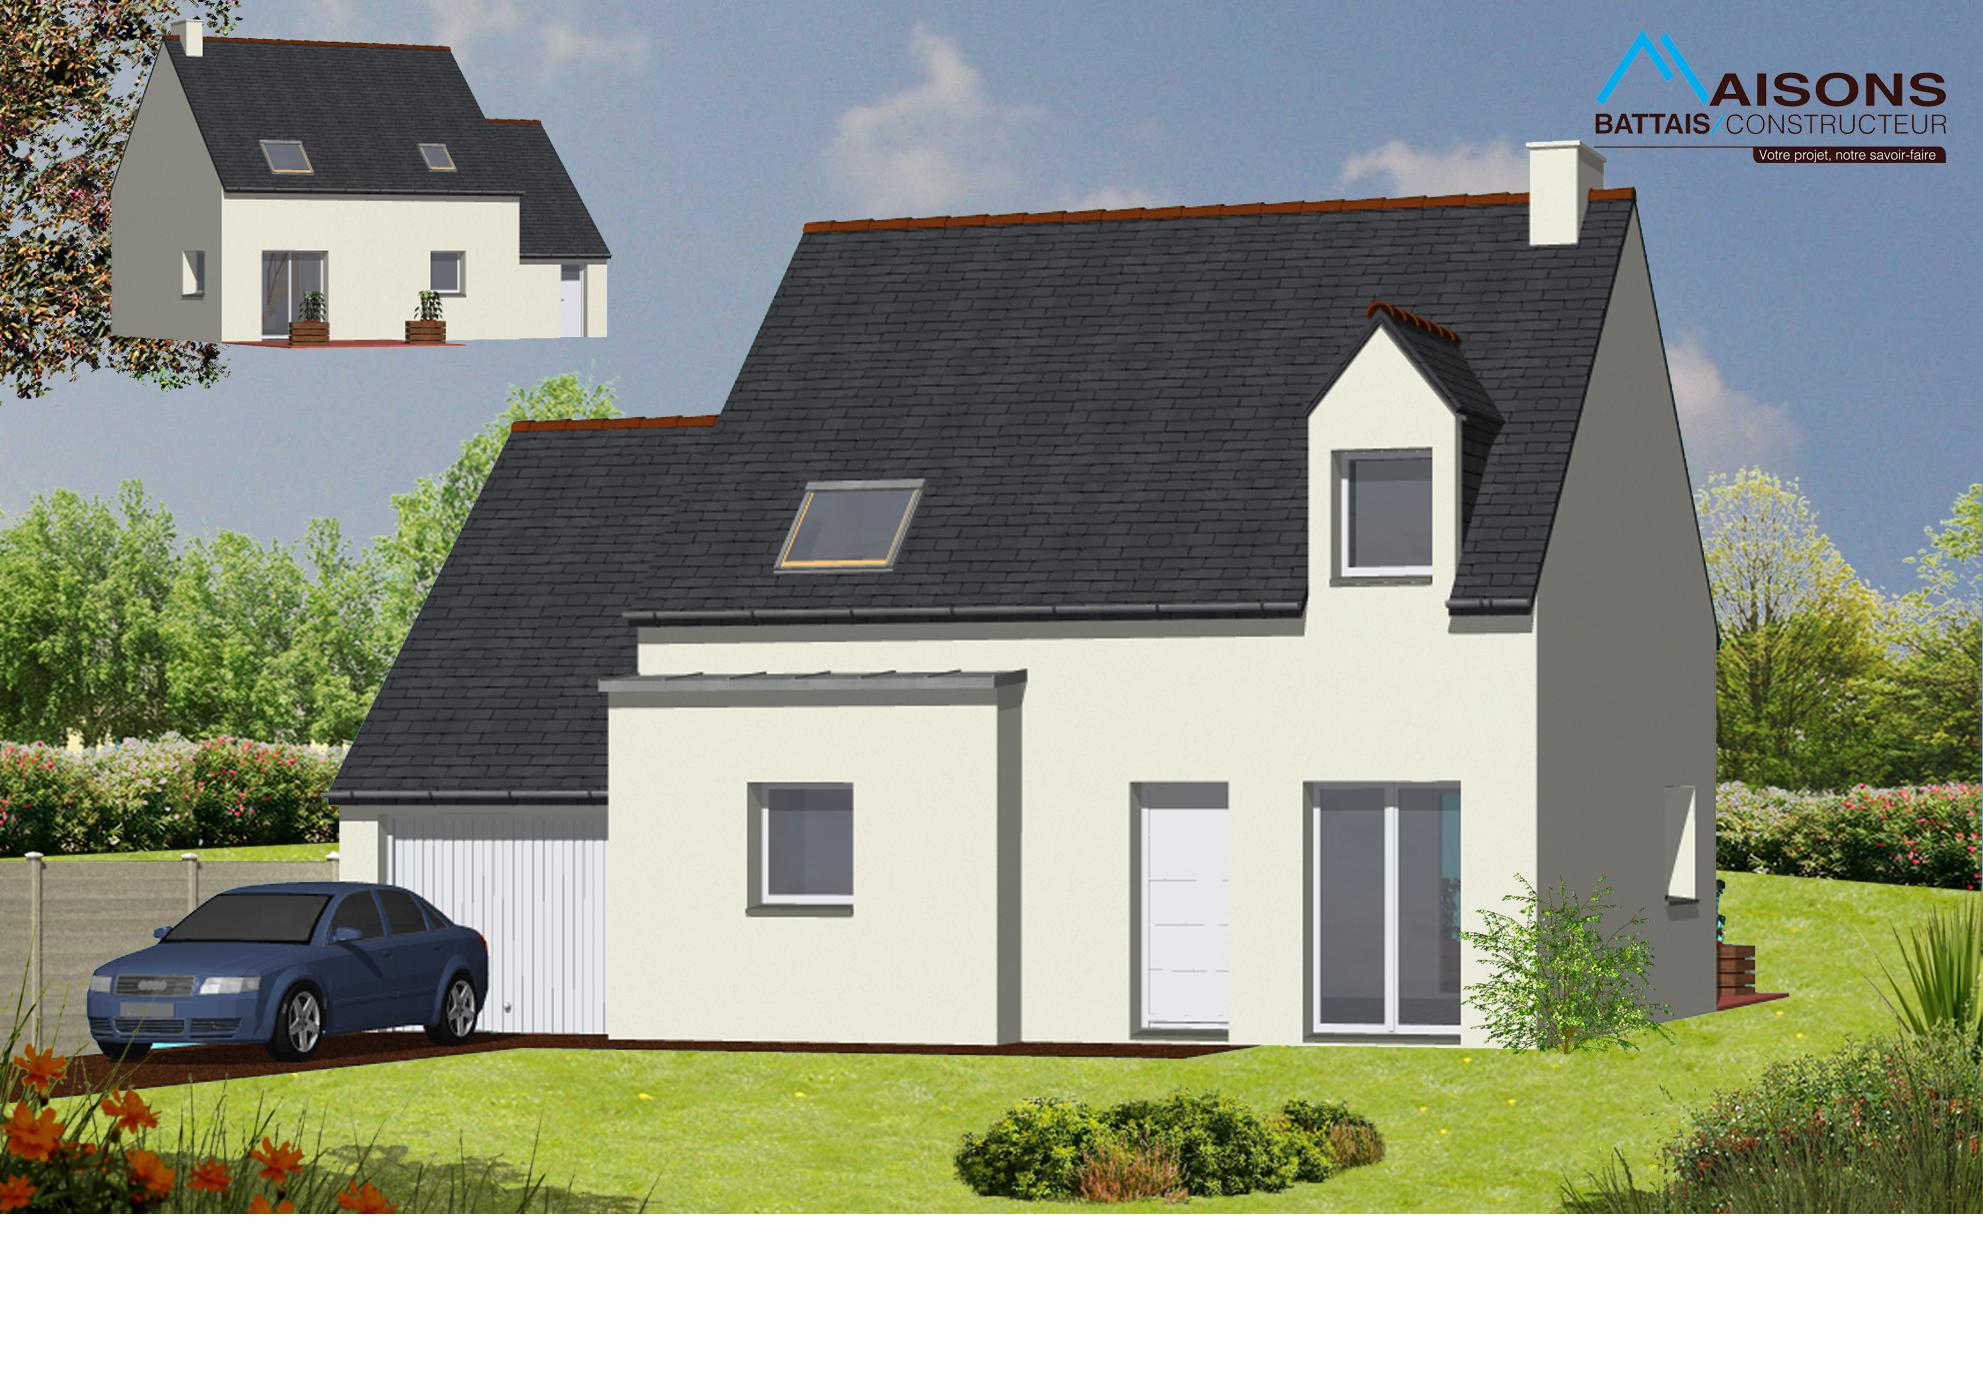 64 maisons battais constructeur ille et vilaine for Constructeur maison 64